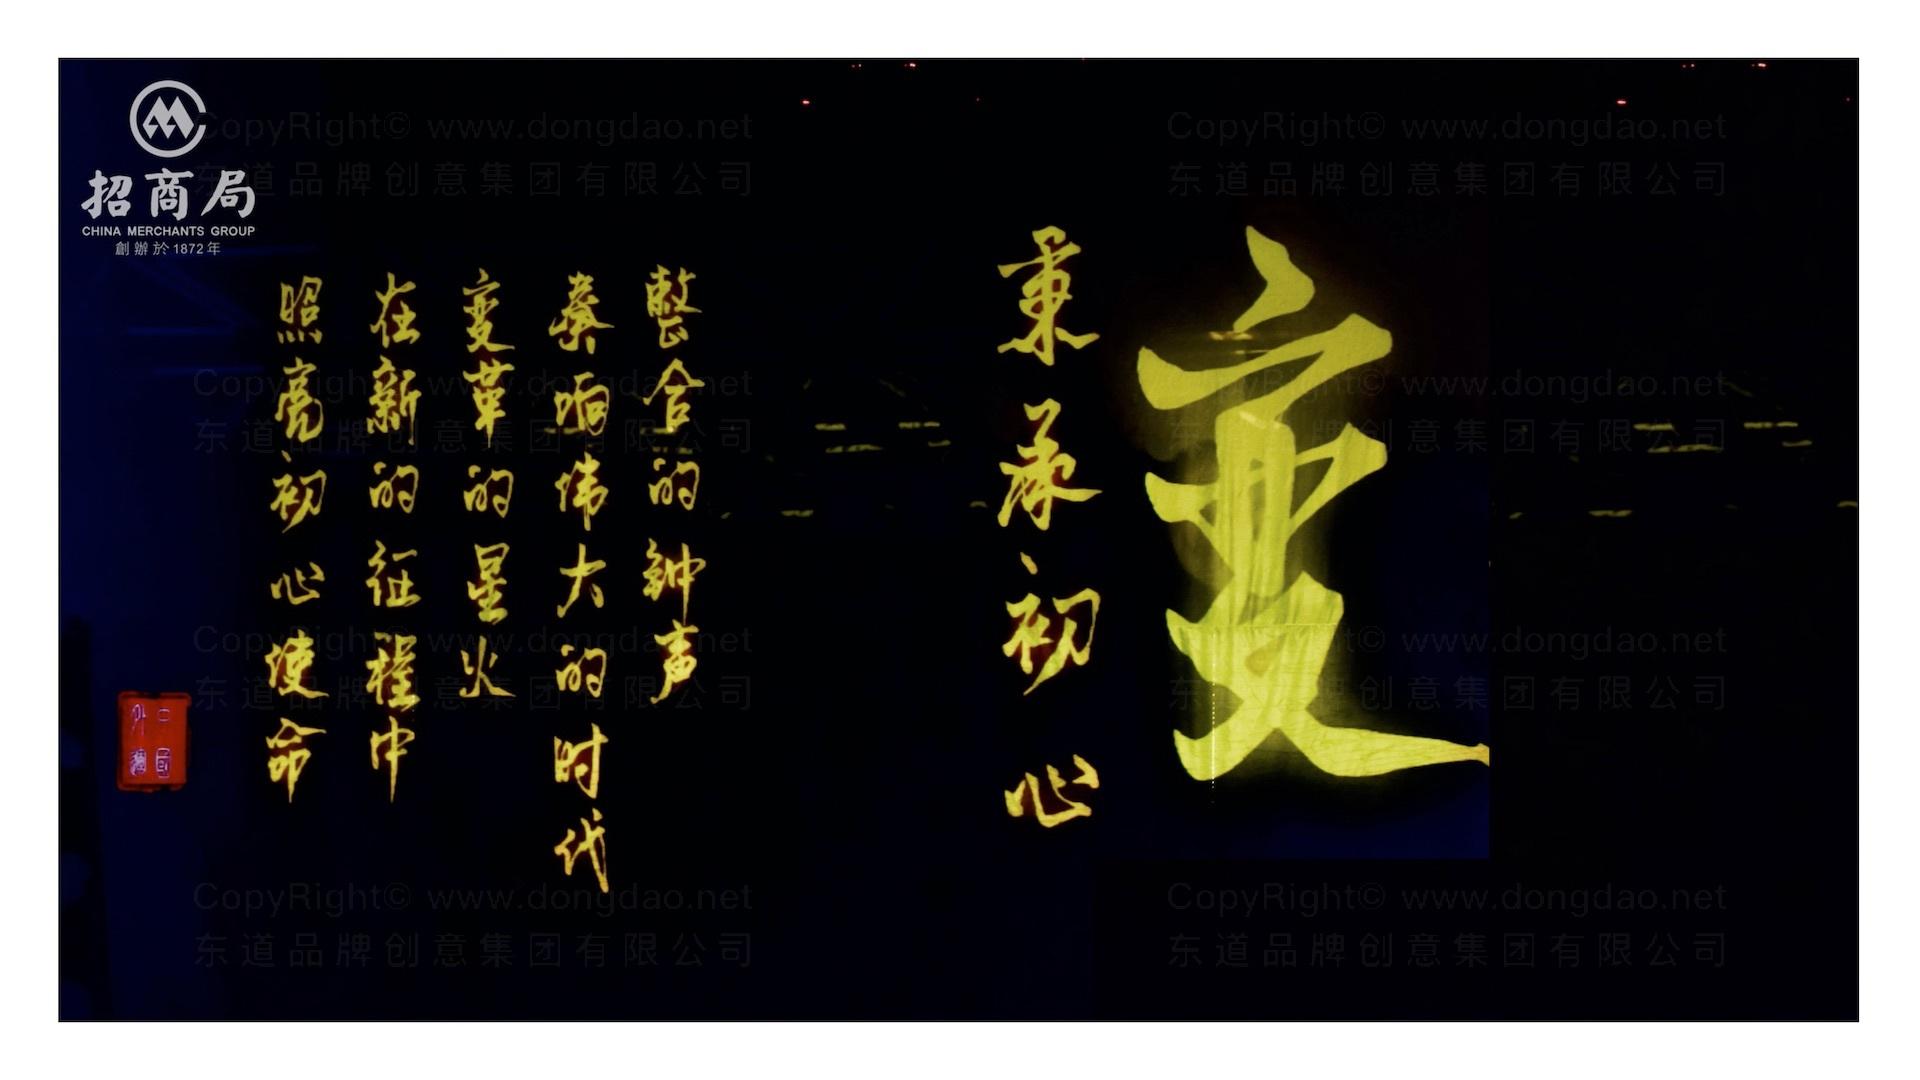 品牌战略&企业文化中国外运企业文化落地项目企业文化手册应用场景_25